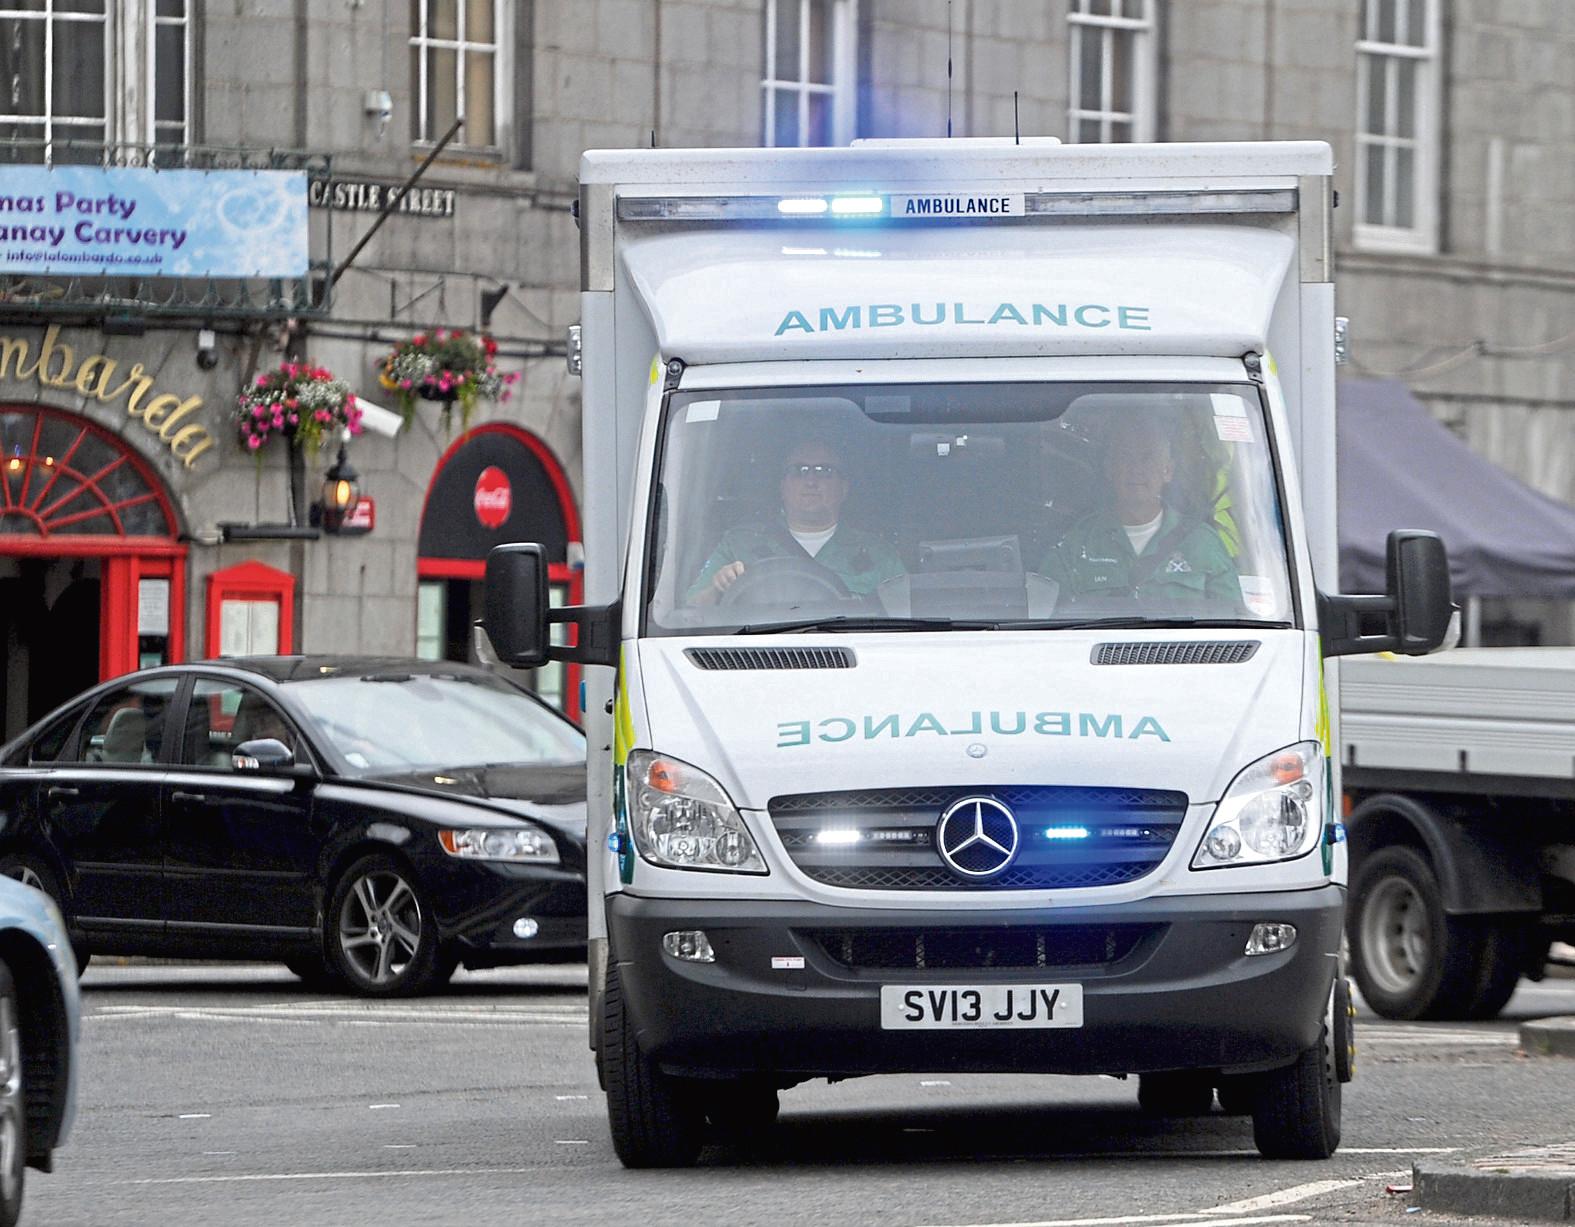 A stock image of an ambulance